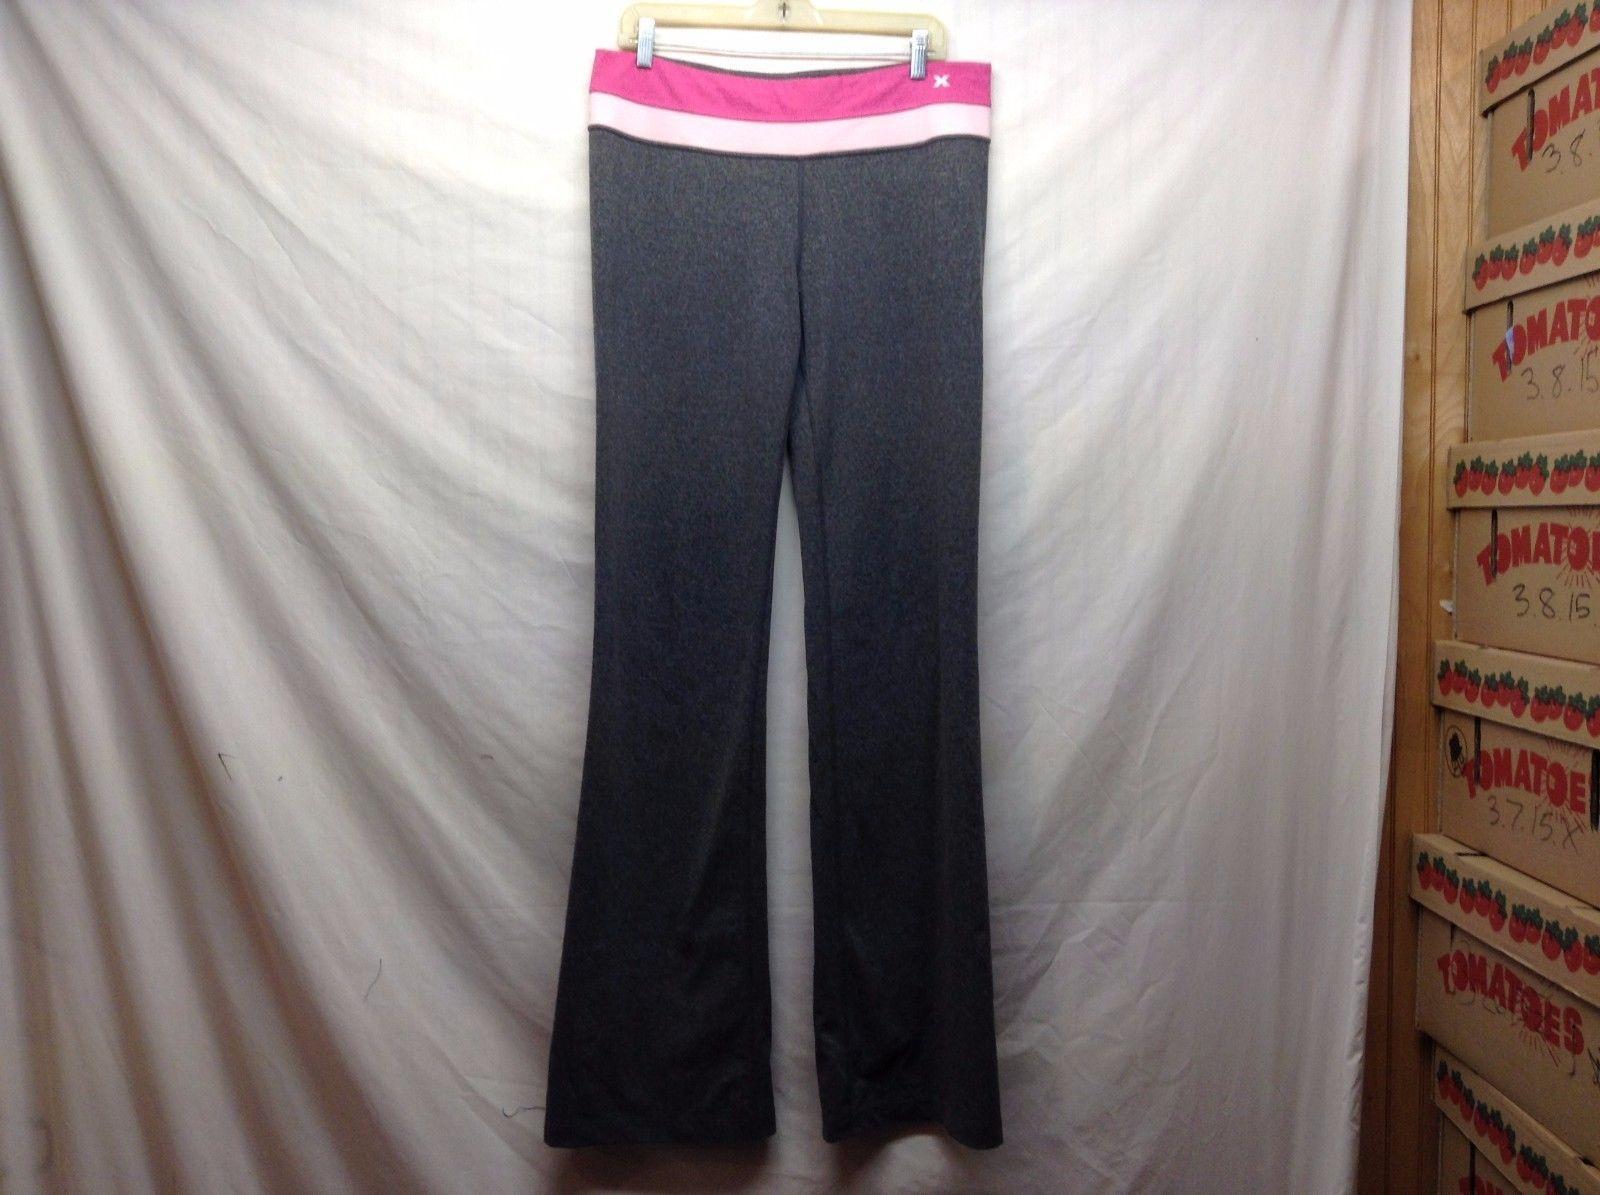 Pink Grey Xersion Performance Wear Slimfit Workout Pants Sz S